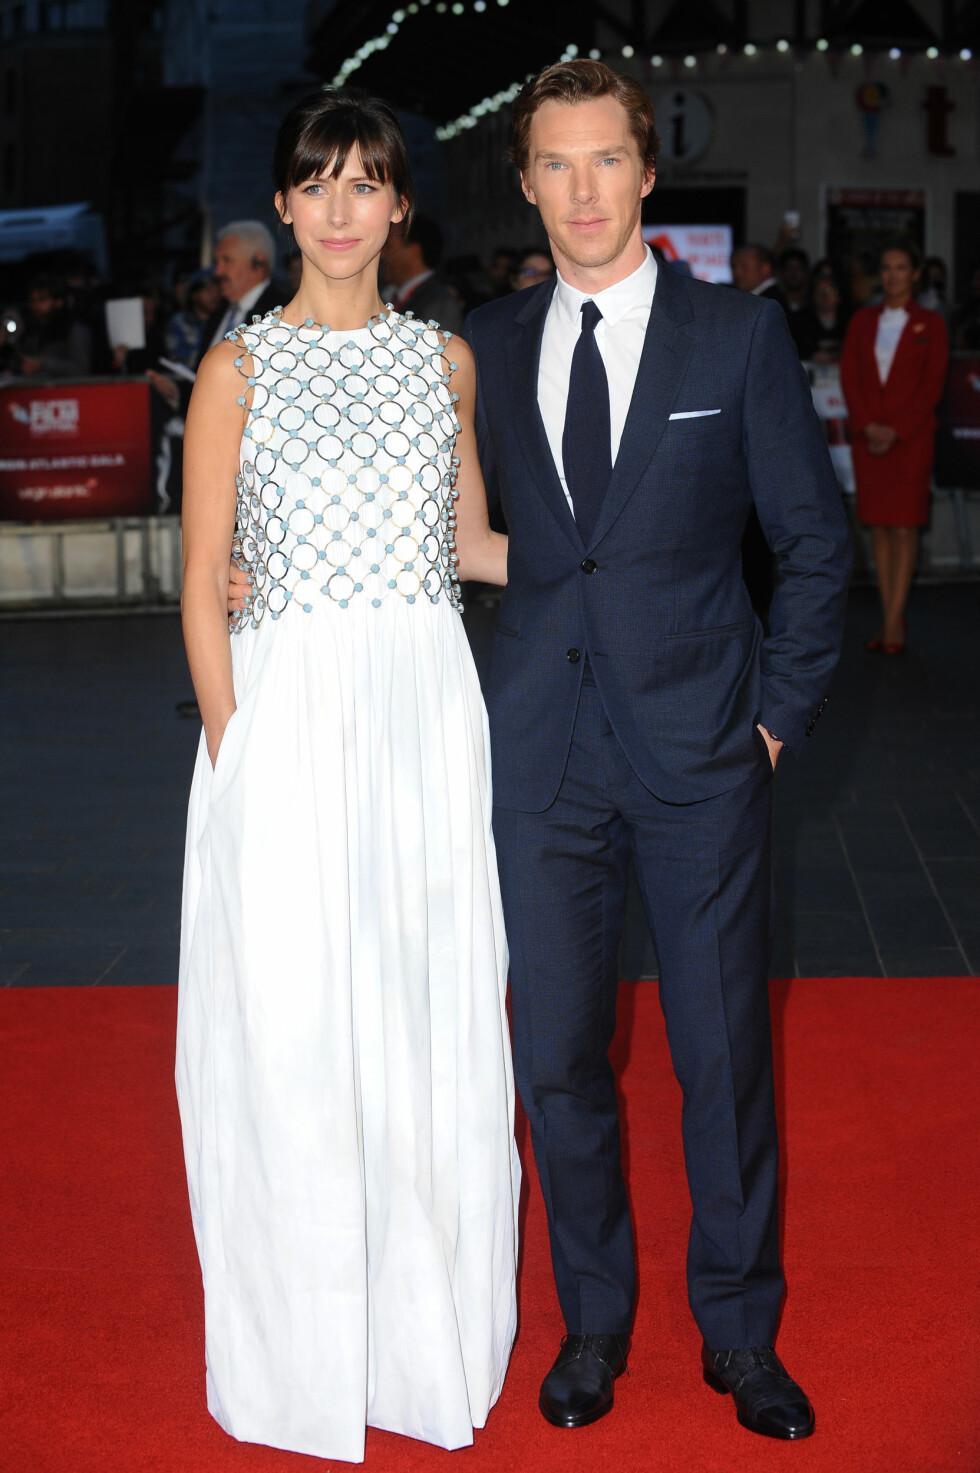 MATCHET IKKE: Ekteparet Benedict Cumberbatch og Sophie Hunter på «Black Mass»-visningen i sort og hvitt. Begge antrekkene var imidlertid fra Dior; hans fra Dior Homme og hennes fra Christian Dior Coutures høstkolleksjon.  Foto: Splash News